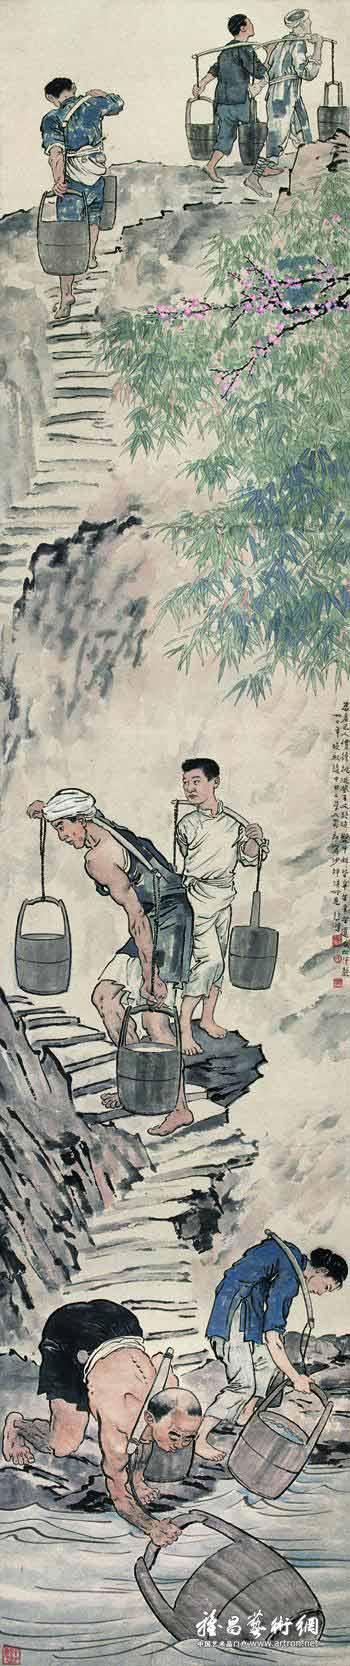 徐悲鸿(1895-1953) 《巴人汲水图》成交价:1.7136亿元